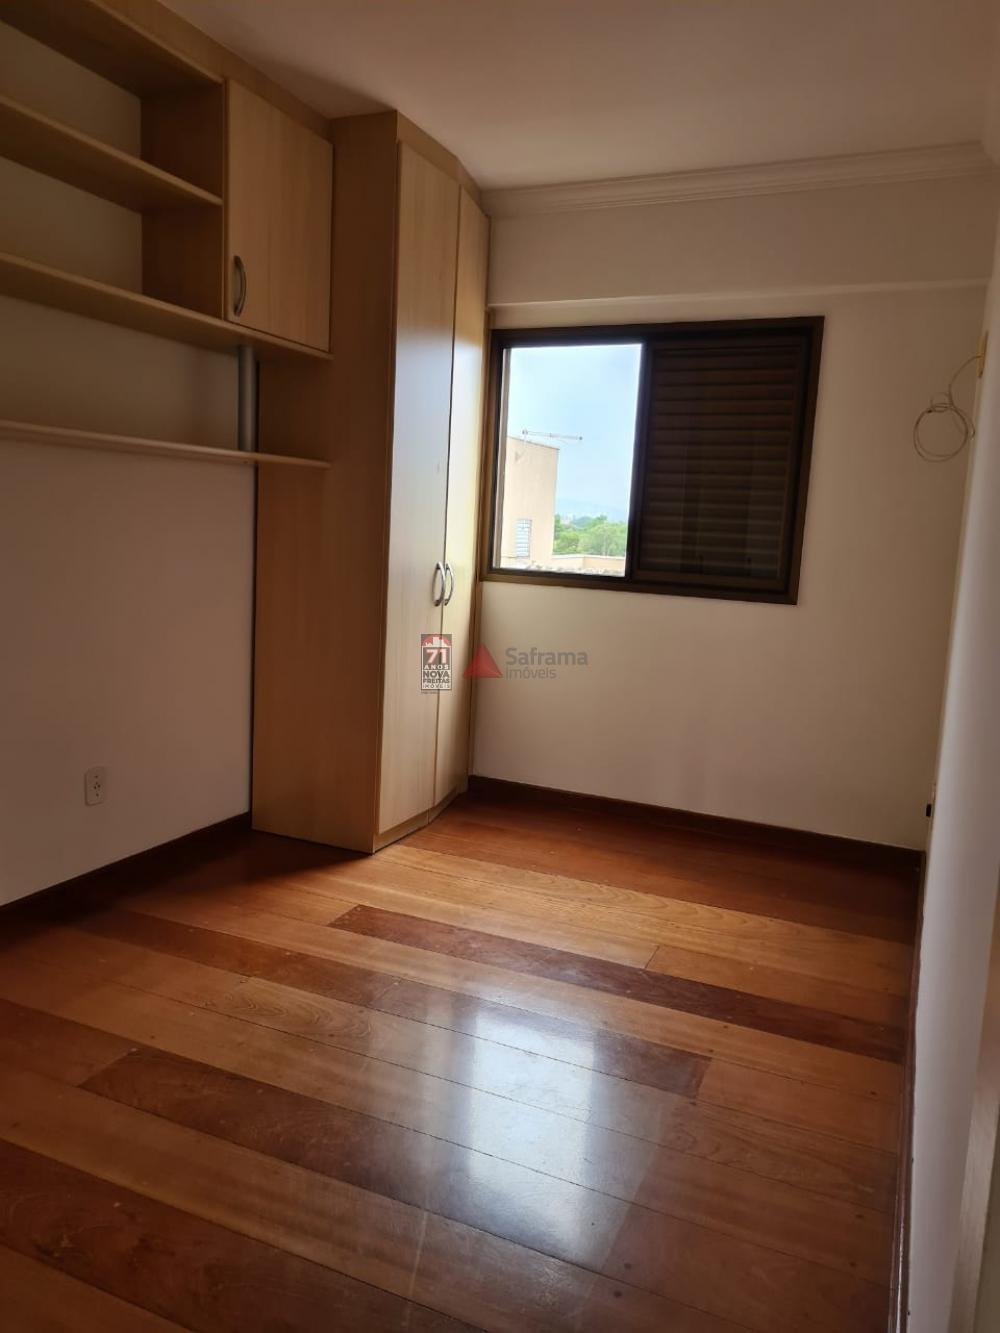 Comprar Apartamento / Padrão em Pindamonhangaba apenas R$ 430.000,00 - Foto 22